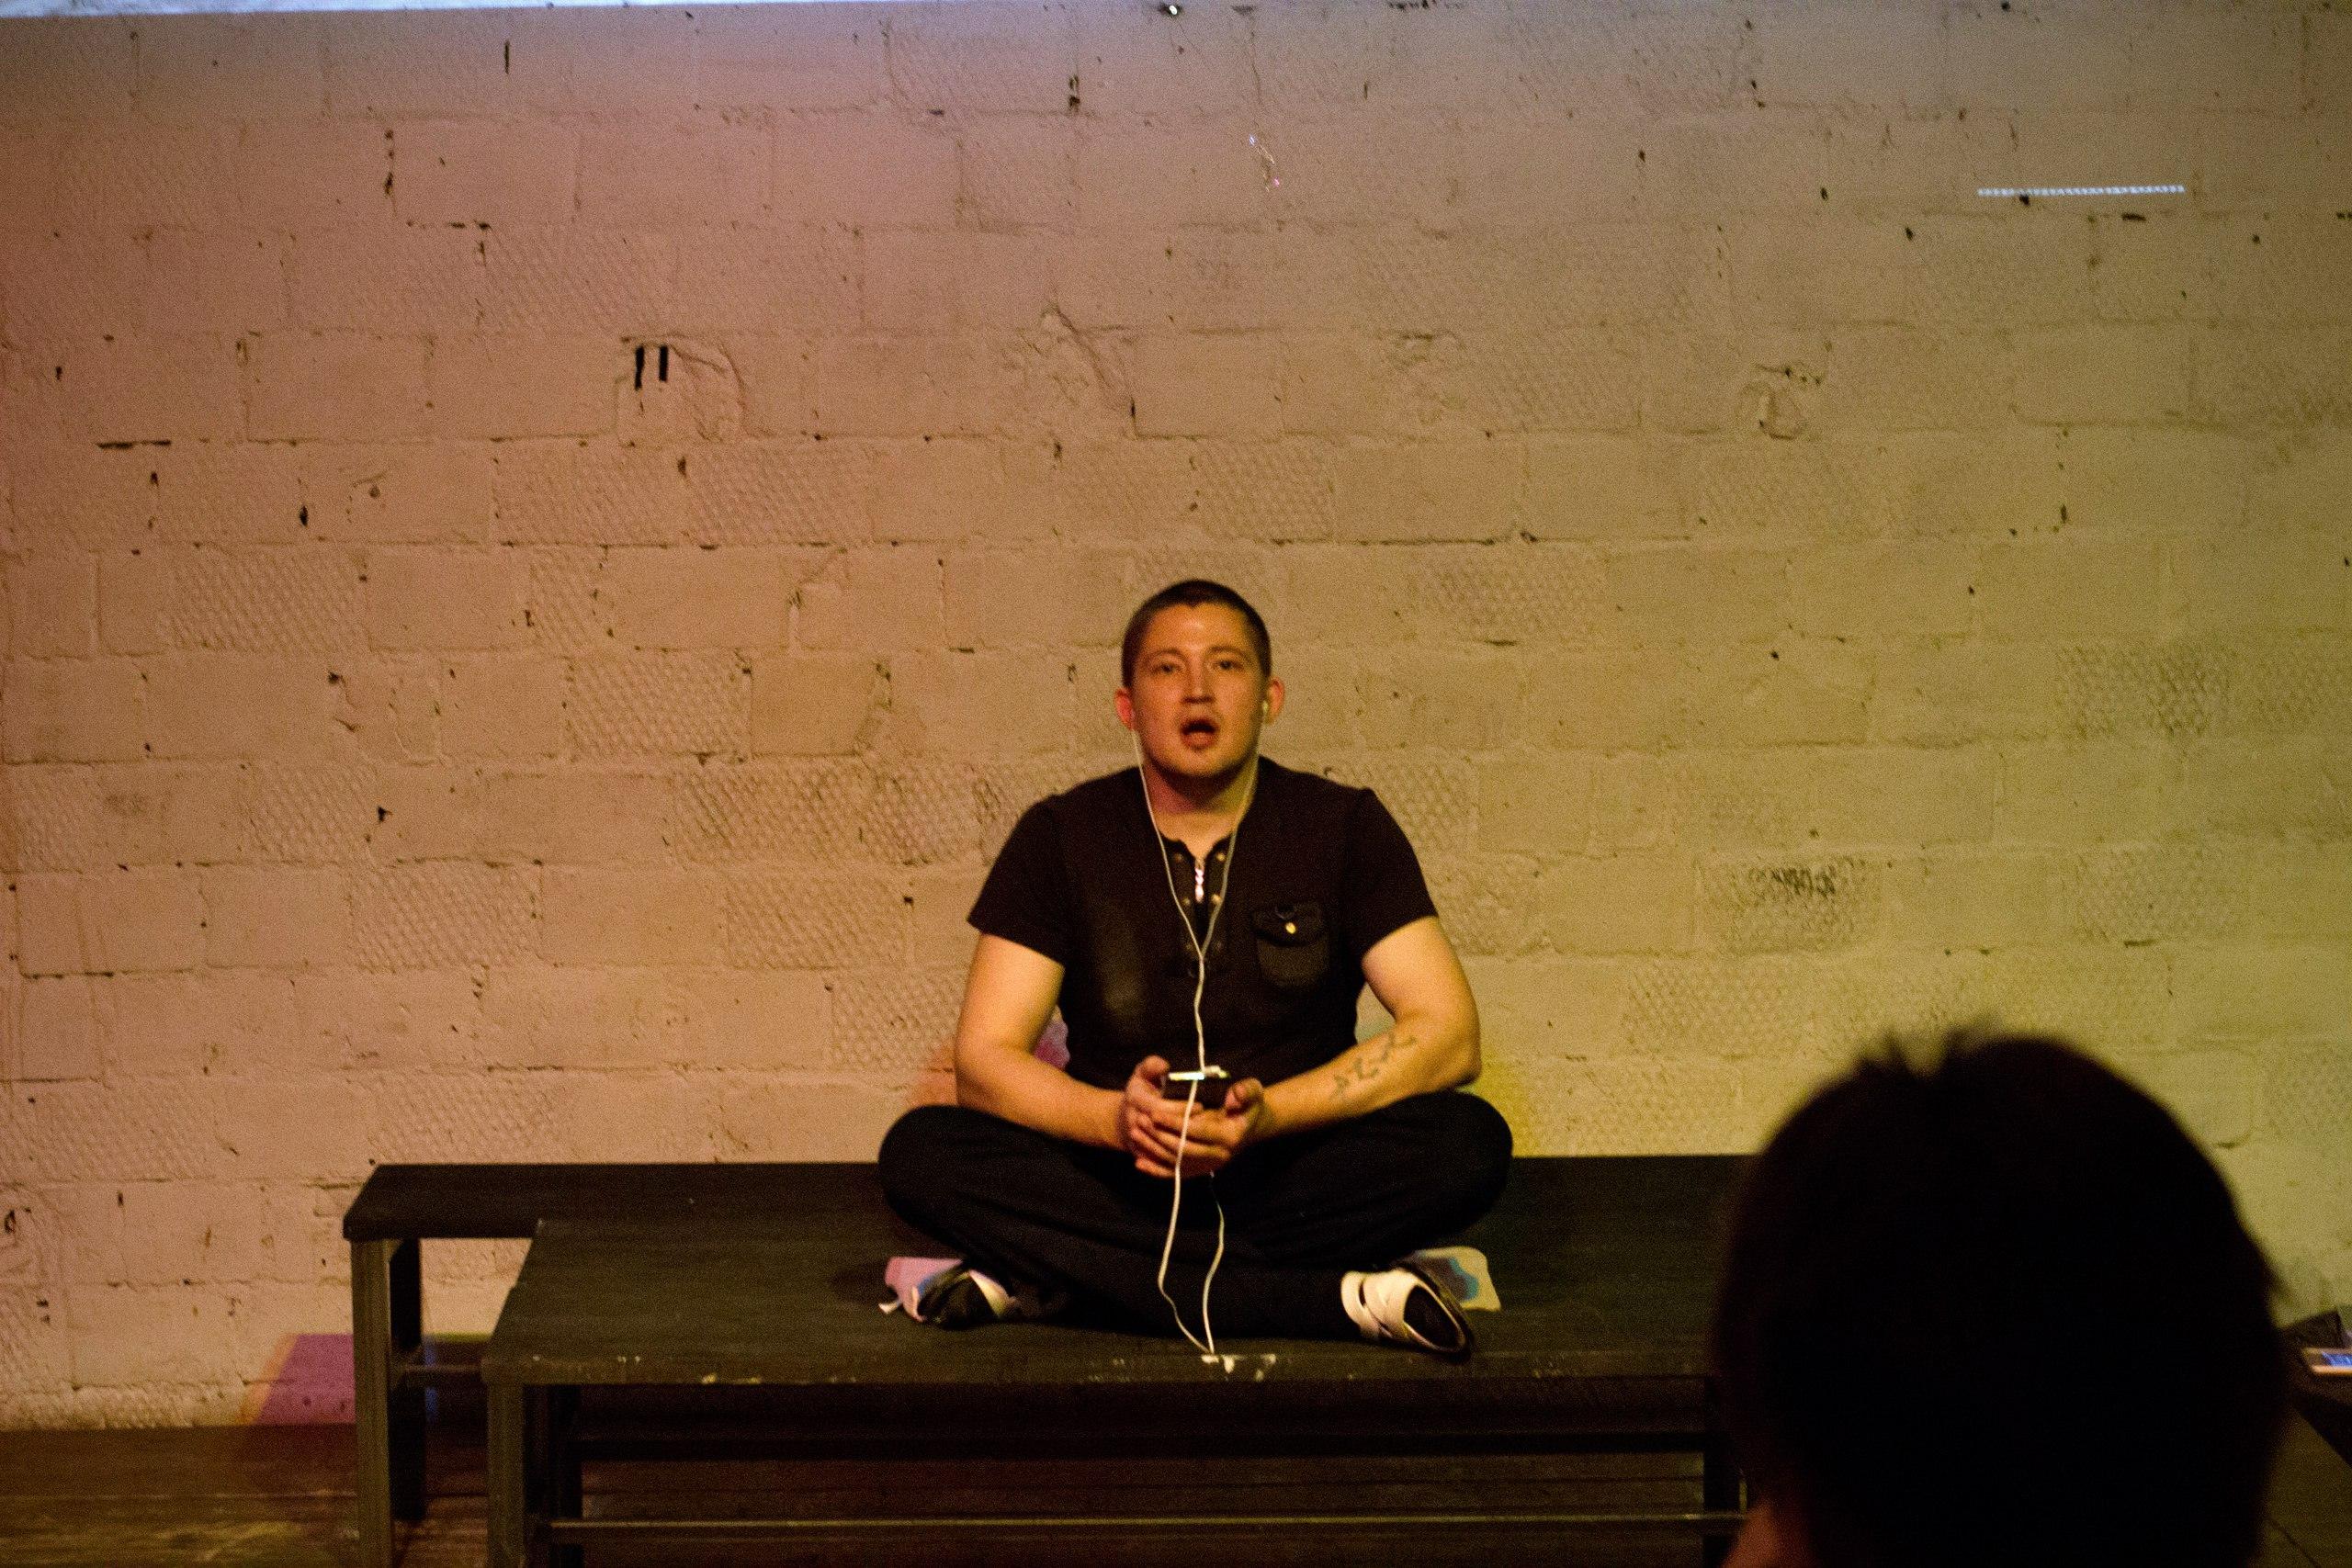 Виктор Лебедев исполняет роль влогера Малыша. Спектакль NETPLOTATION